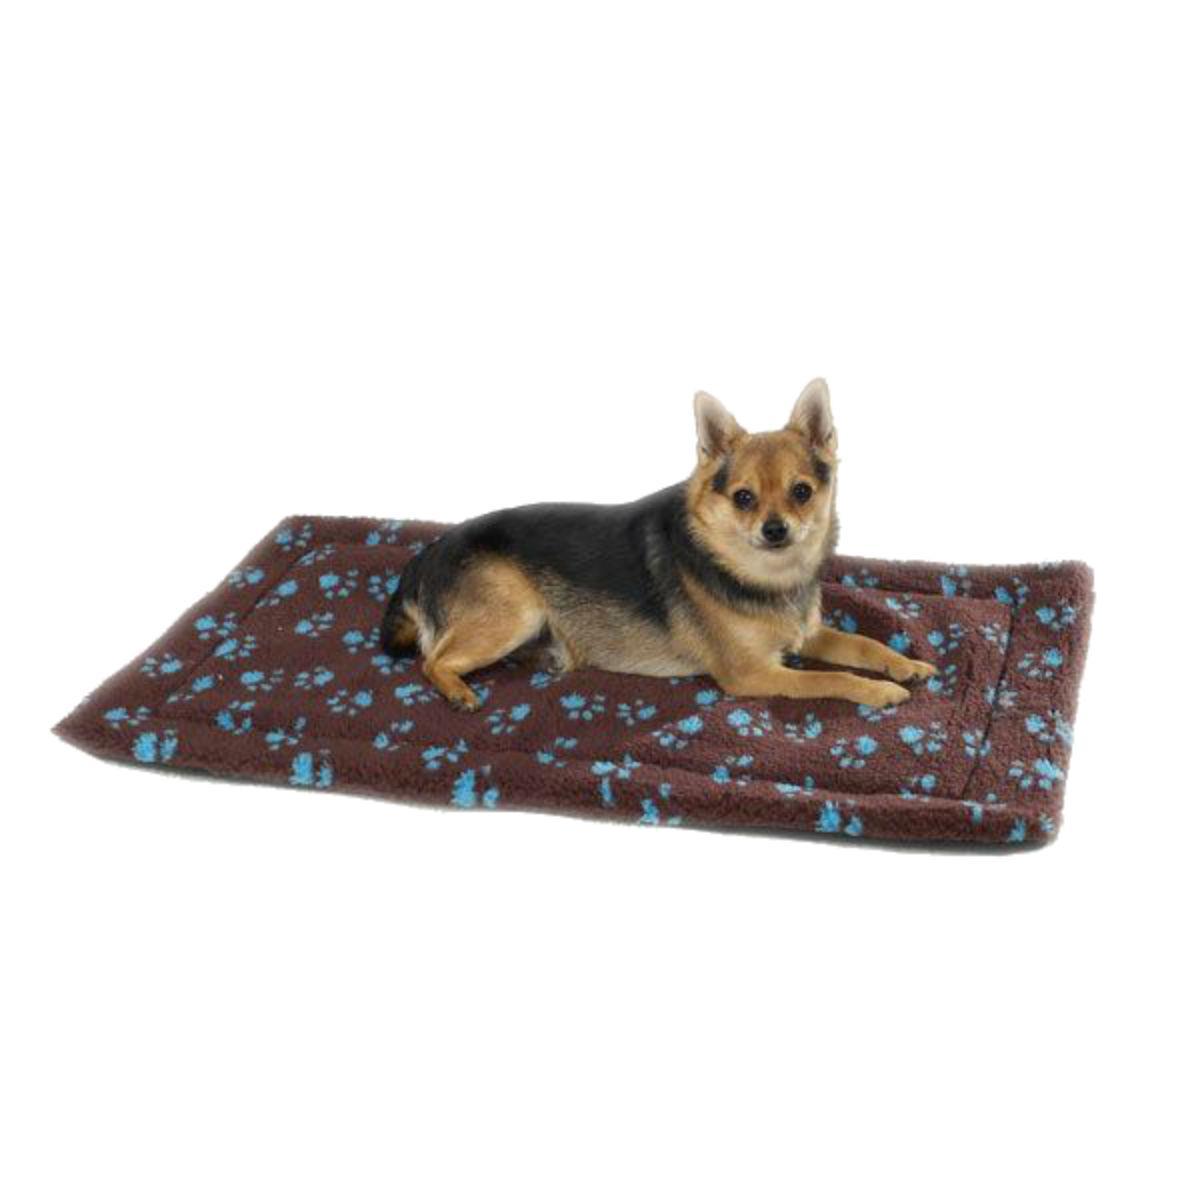 Slumber Pet Paw Print Dog and Cat Crate Mats - Chocolate